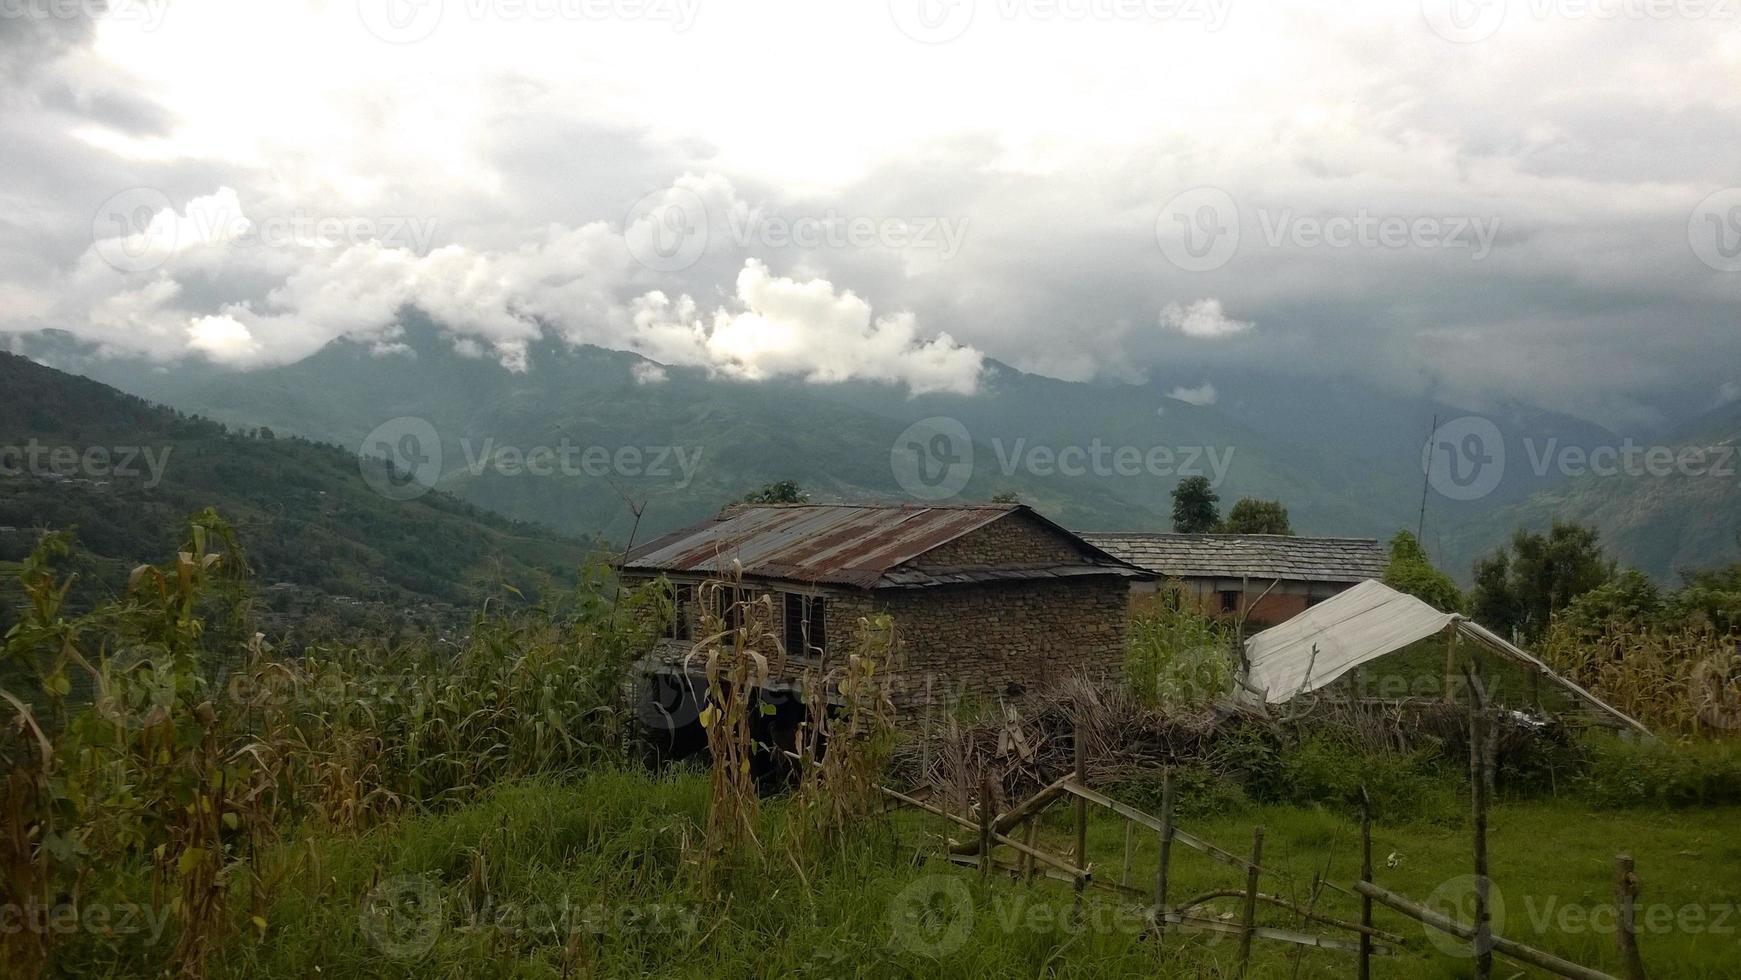 villaggio collinare foto